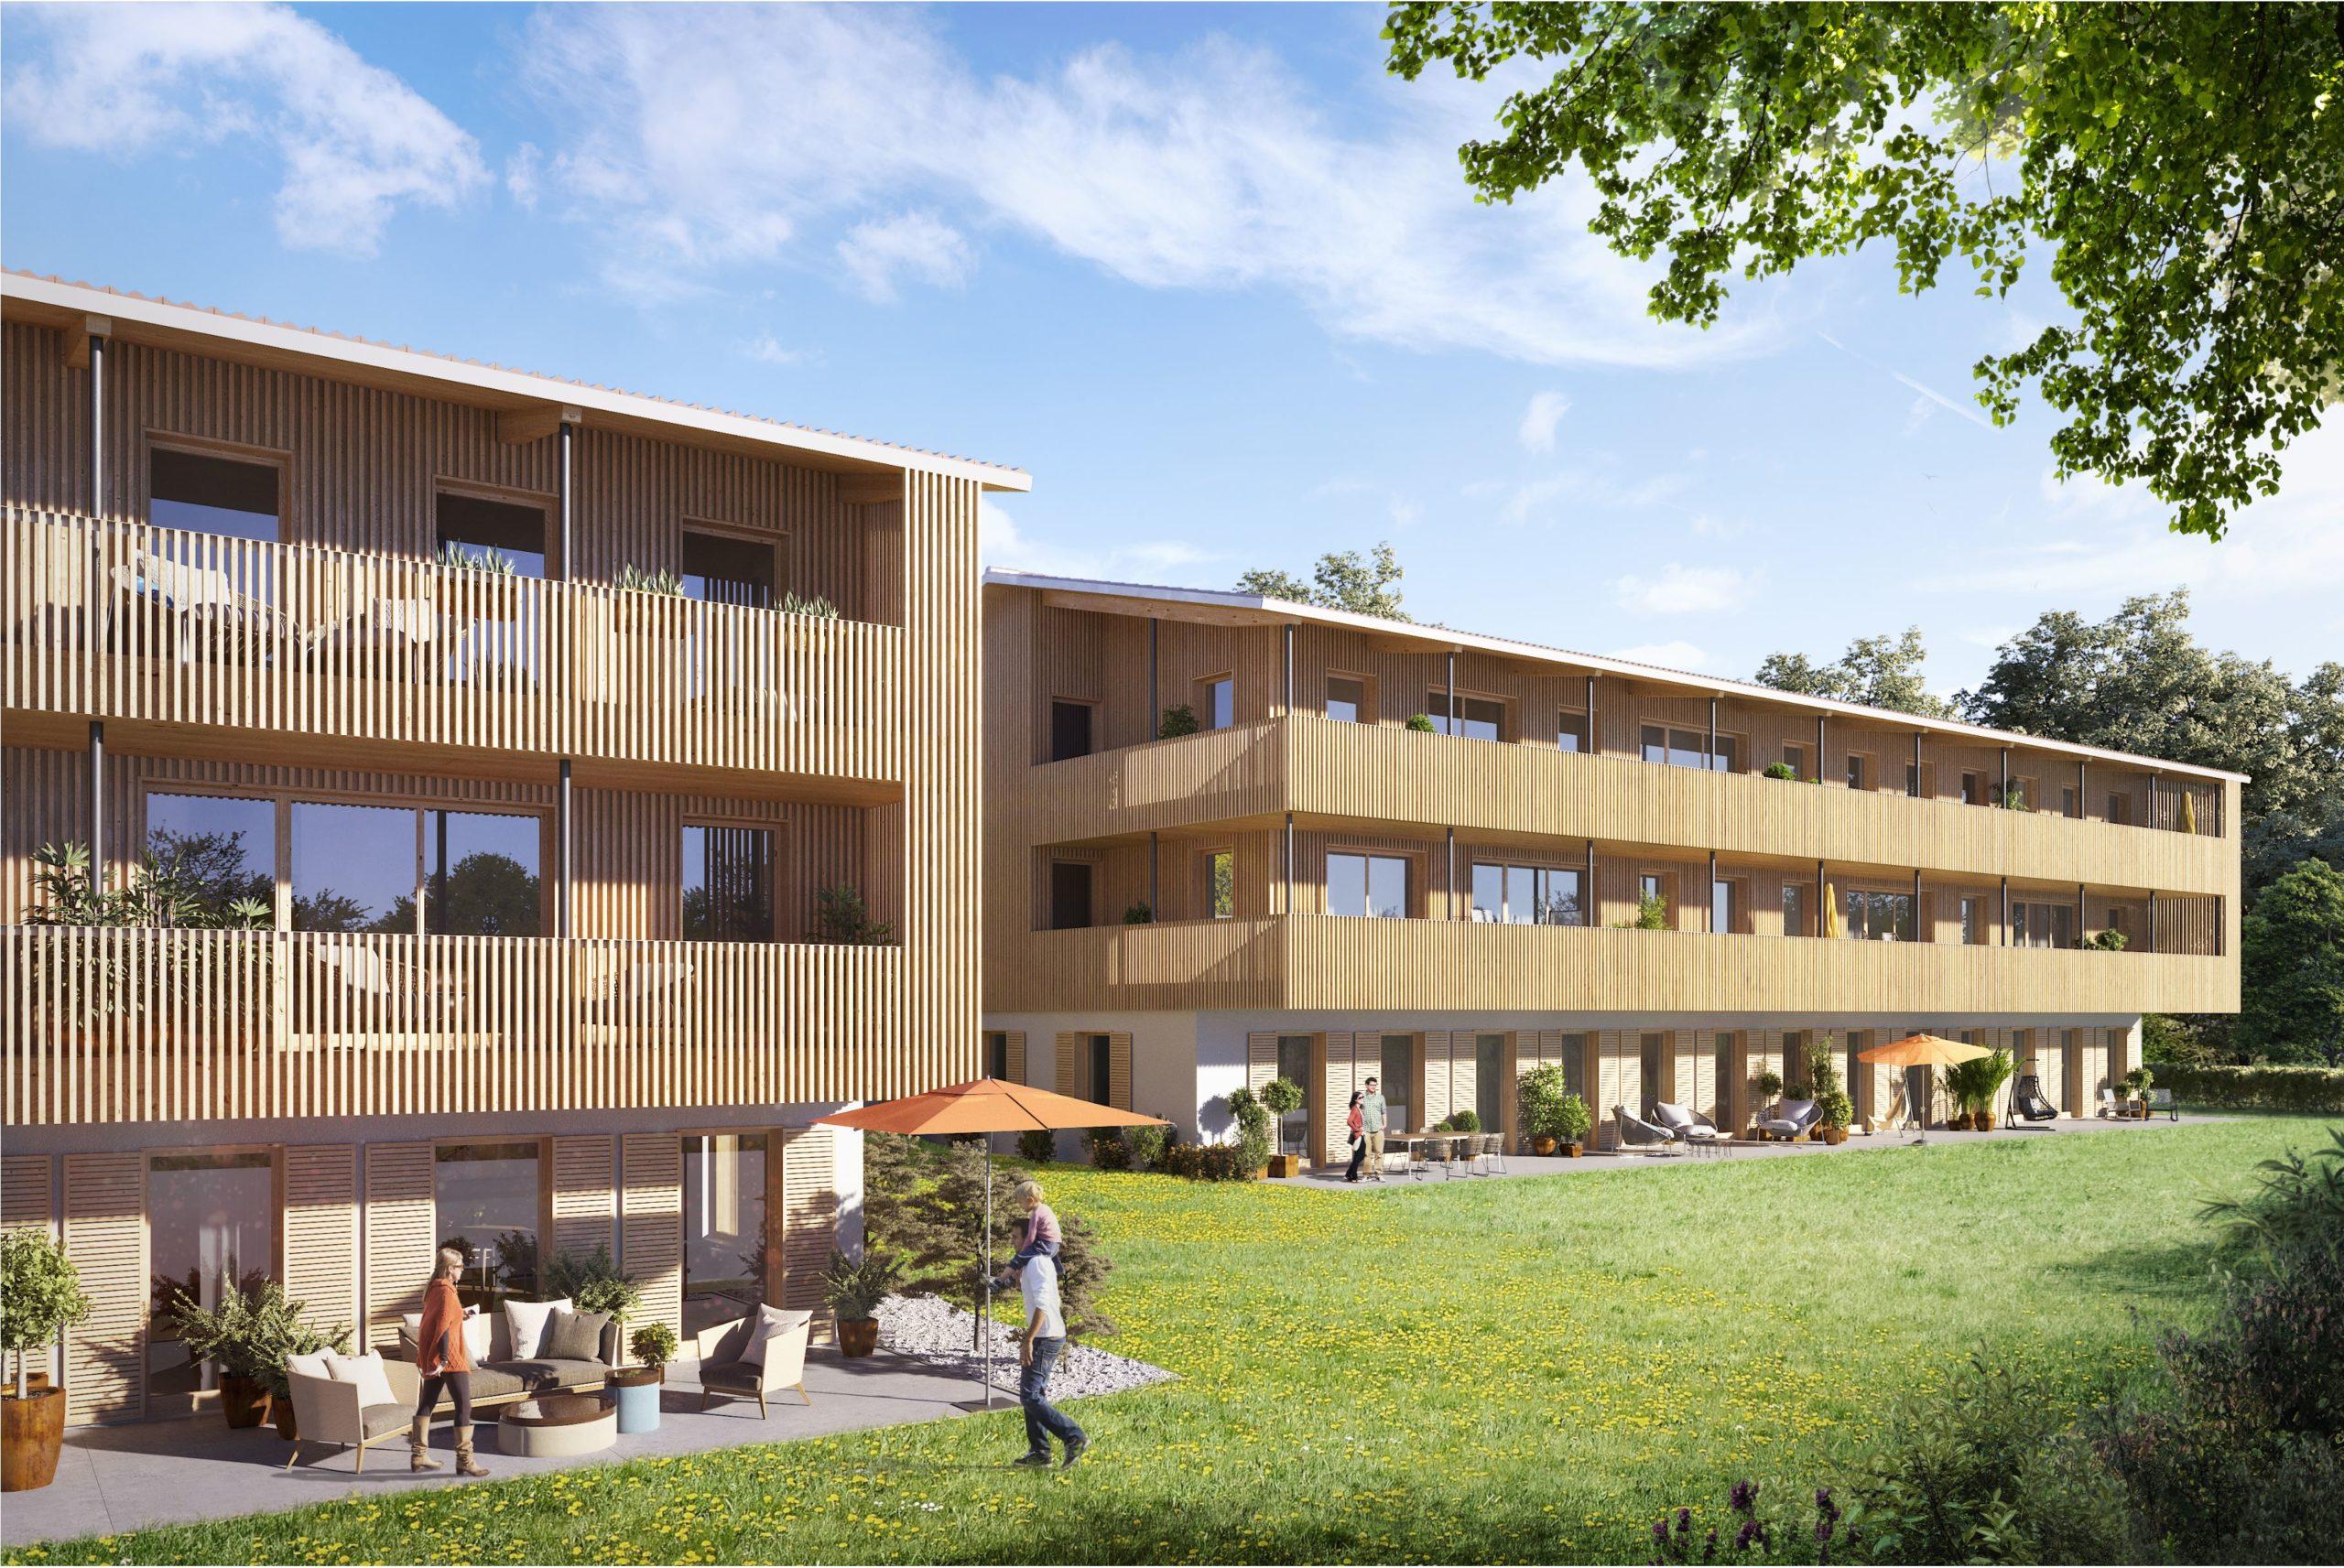 Schöne 2-Zi.-Wohnung mit Terrasse, EBK, Carport – Erstbezug